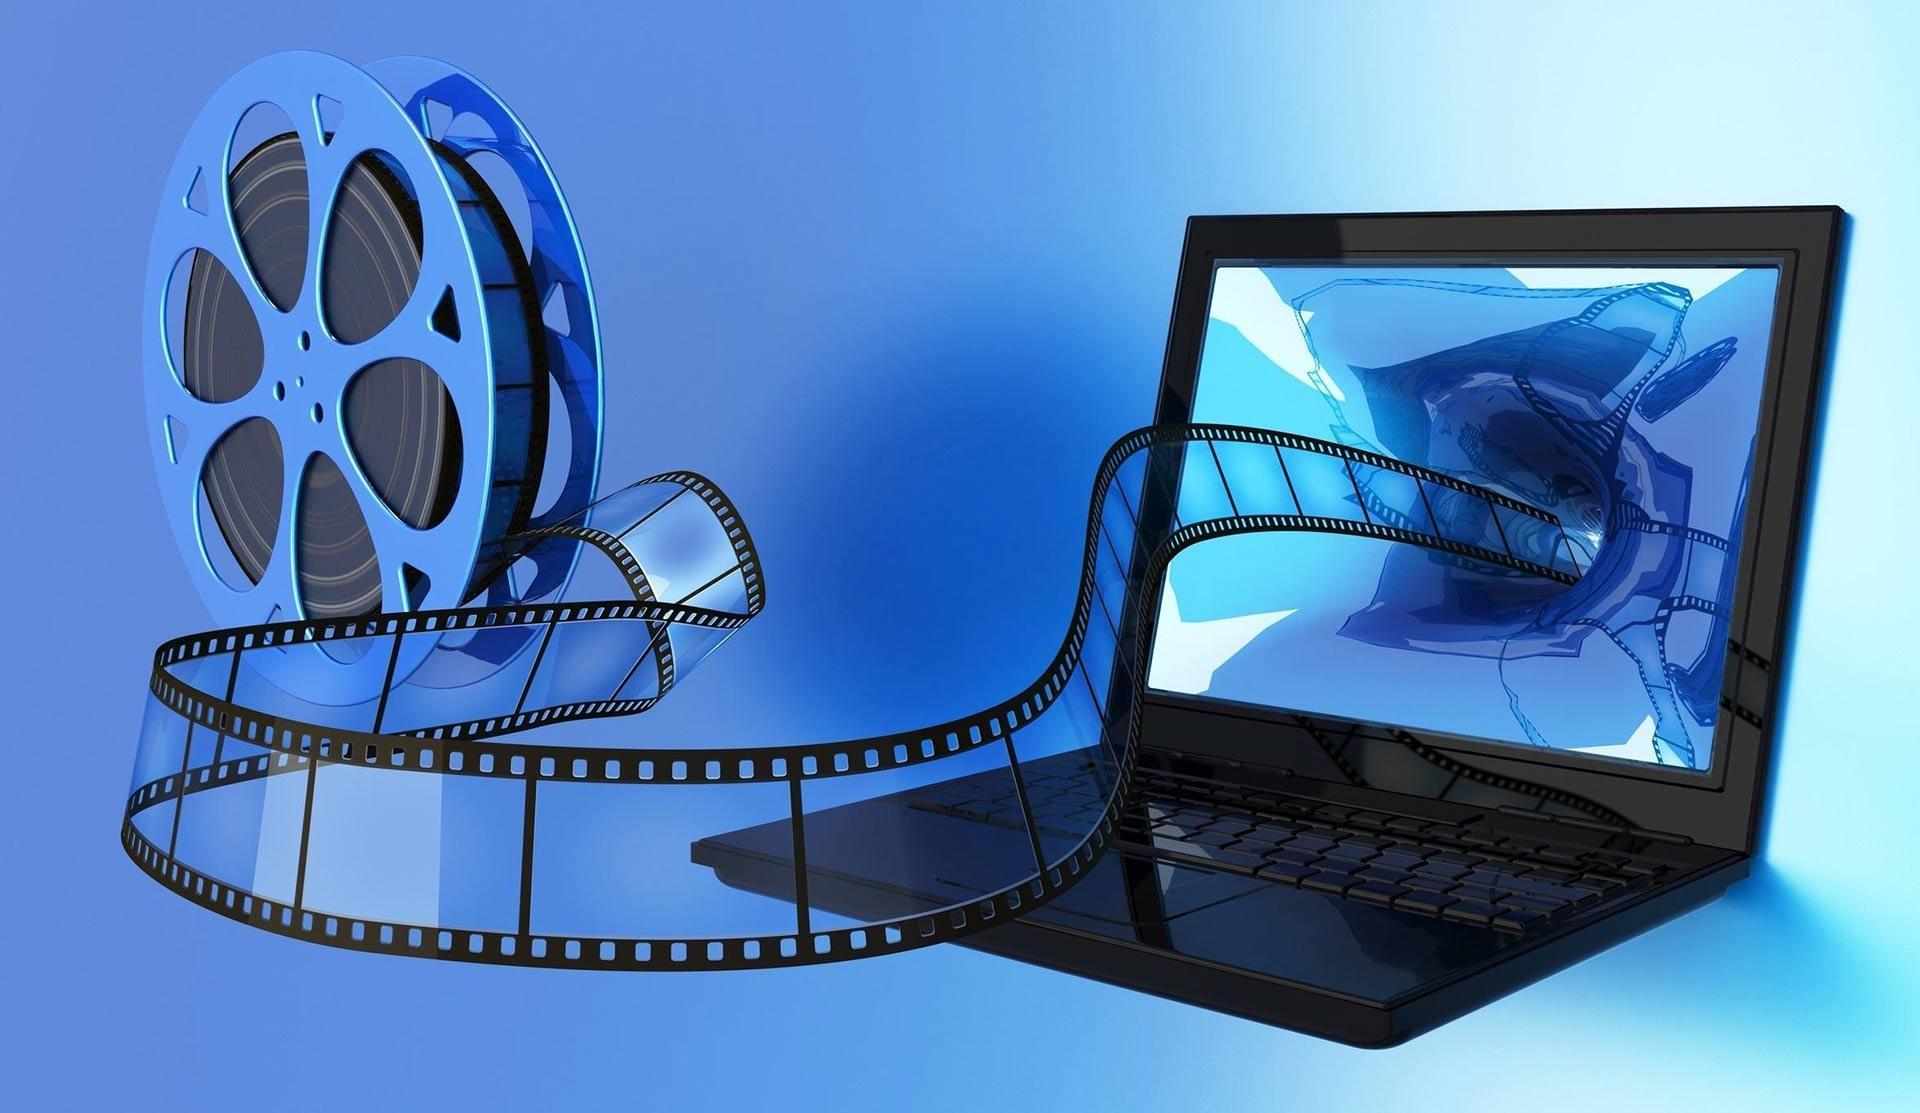 Как сохранить видео с контакта на компьютер?